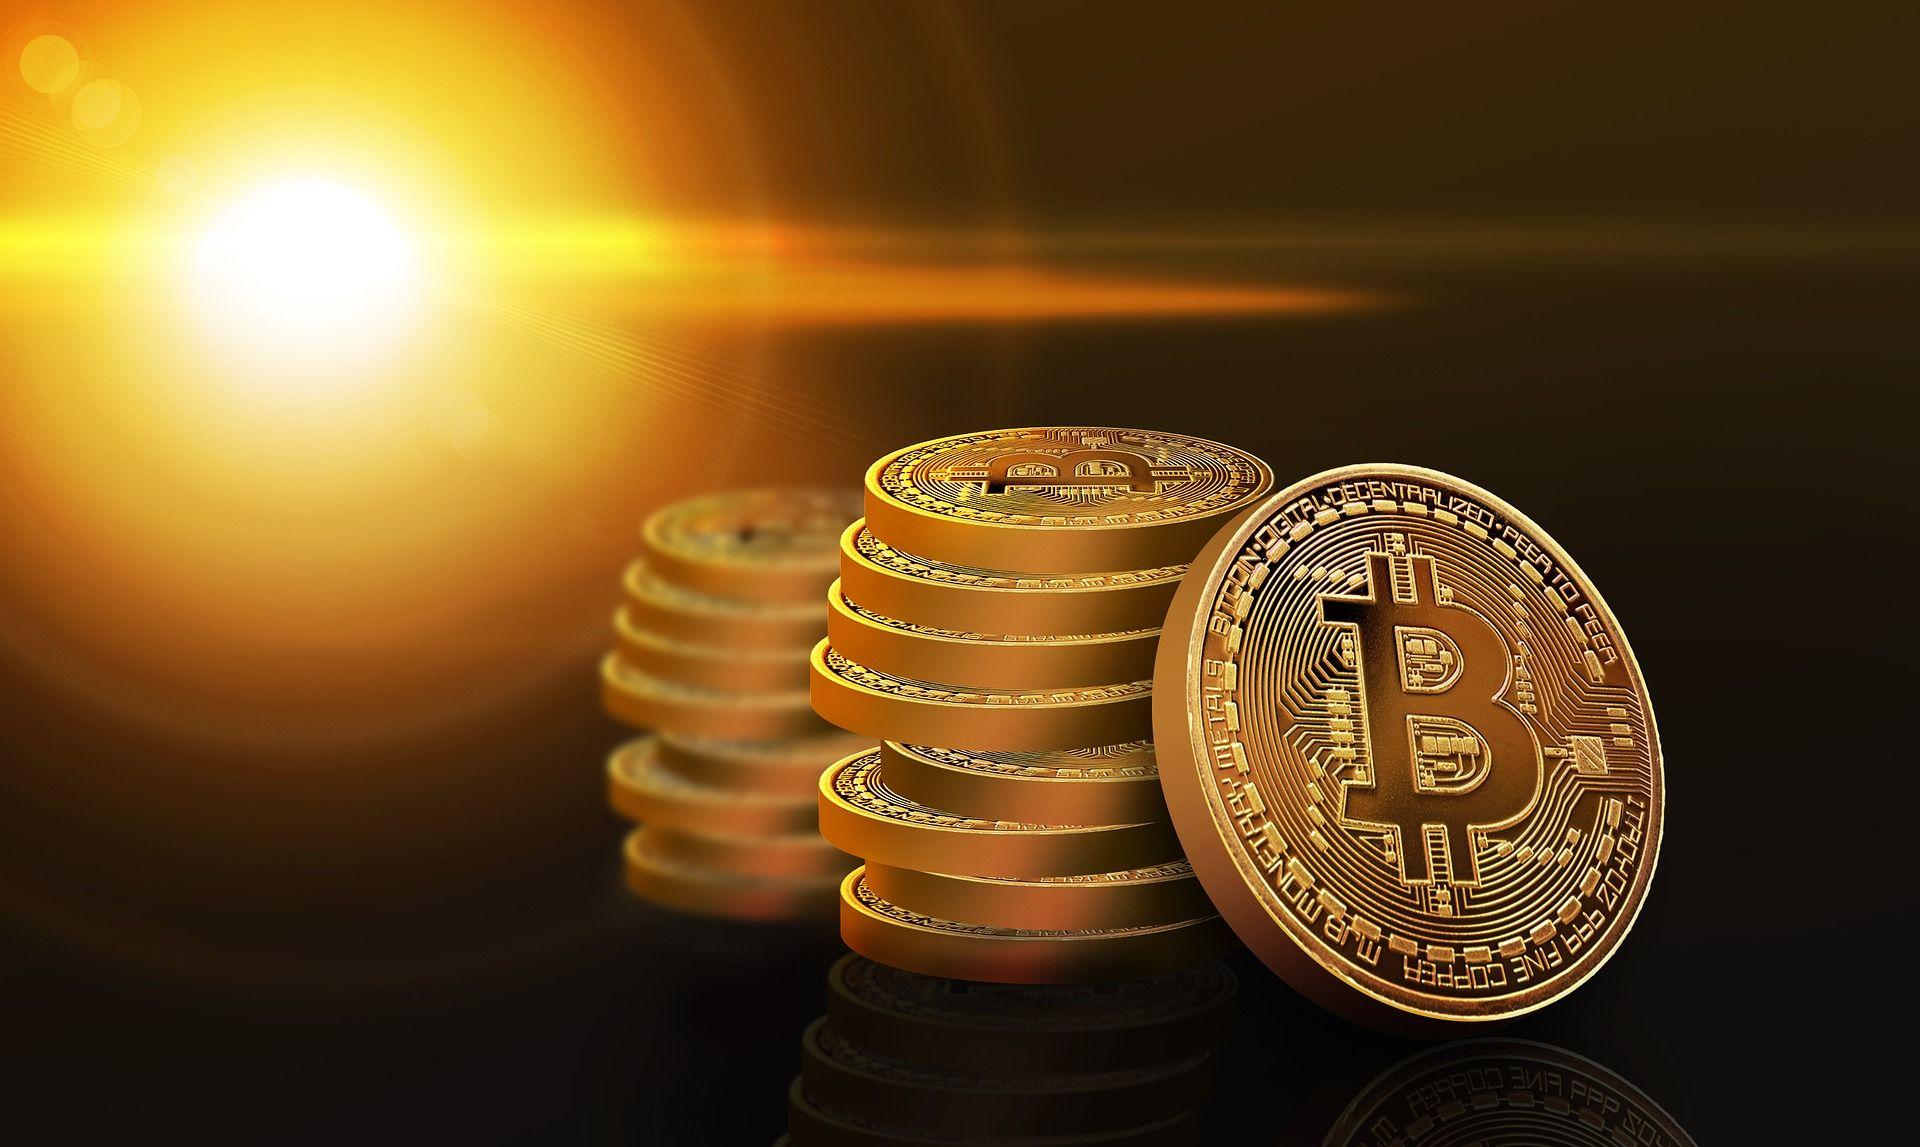 bitcoin yukselise gecti vadeli islemler kayip buyuk